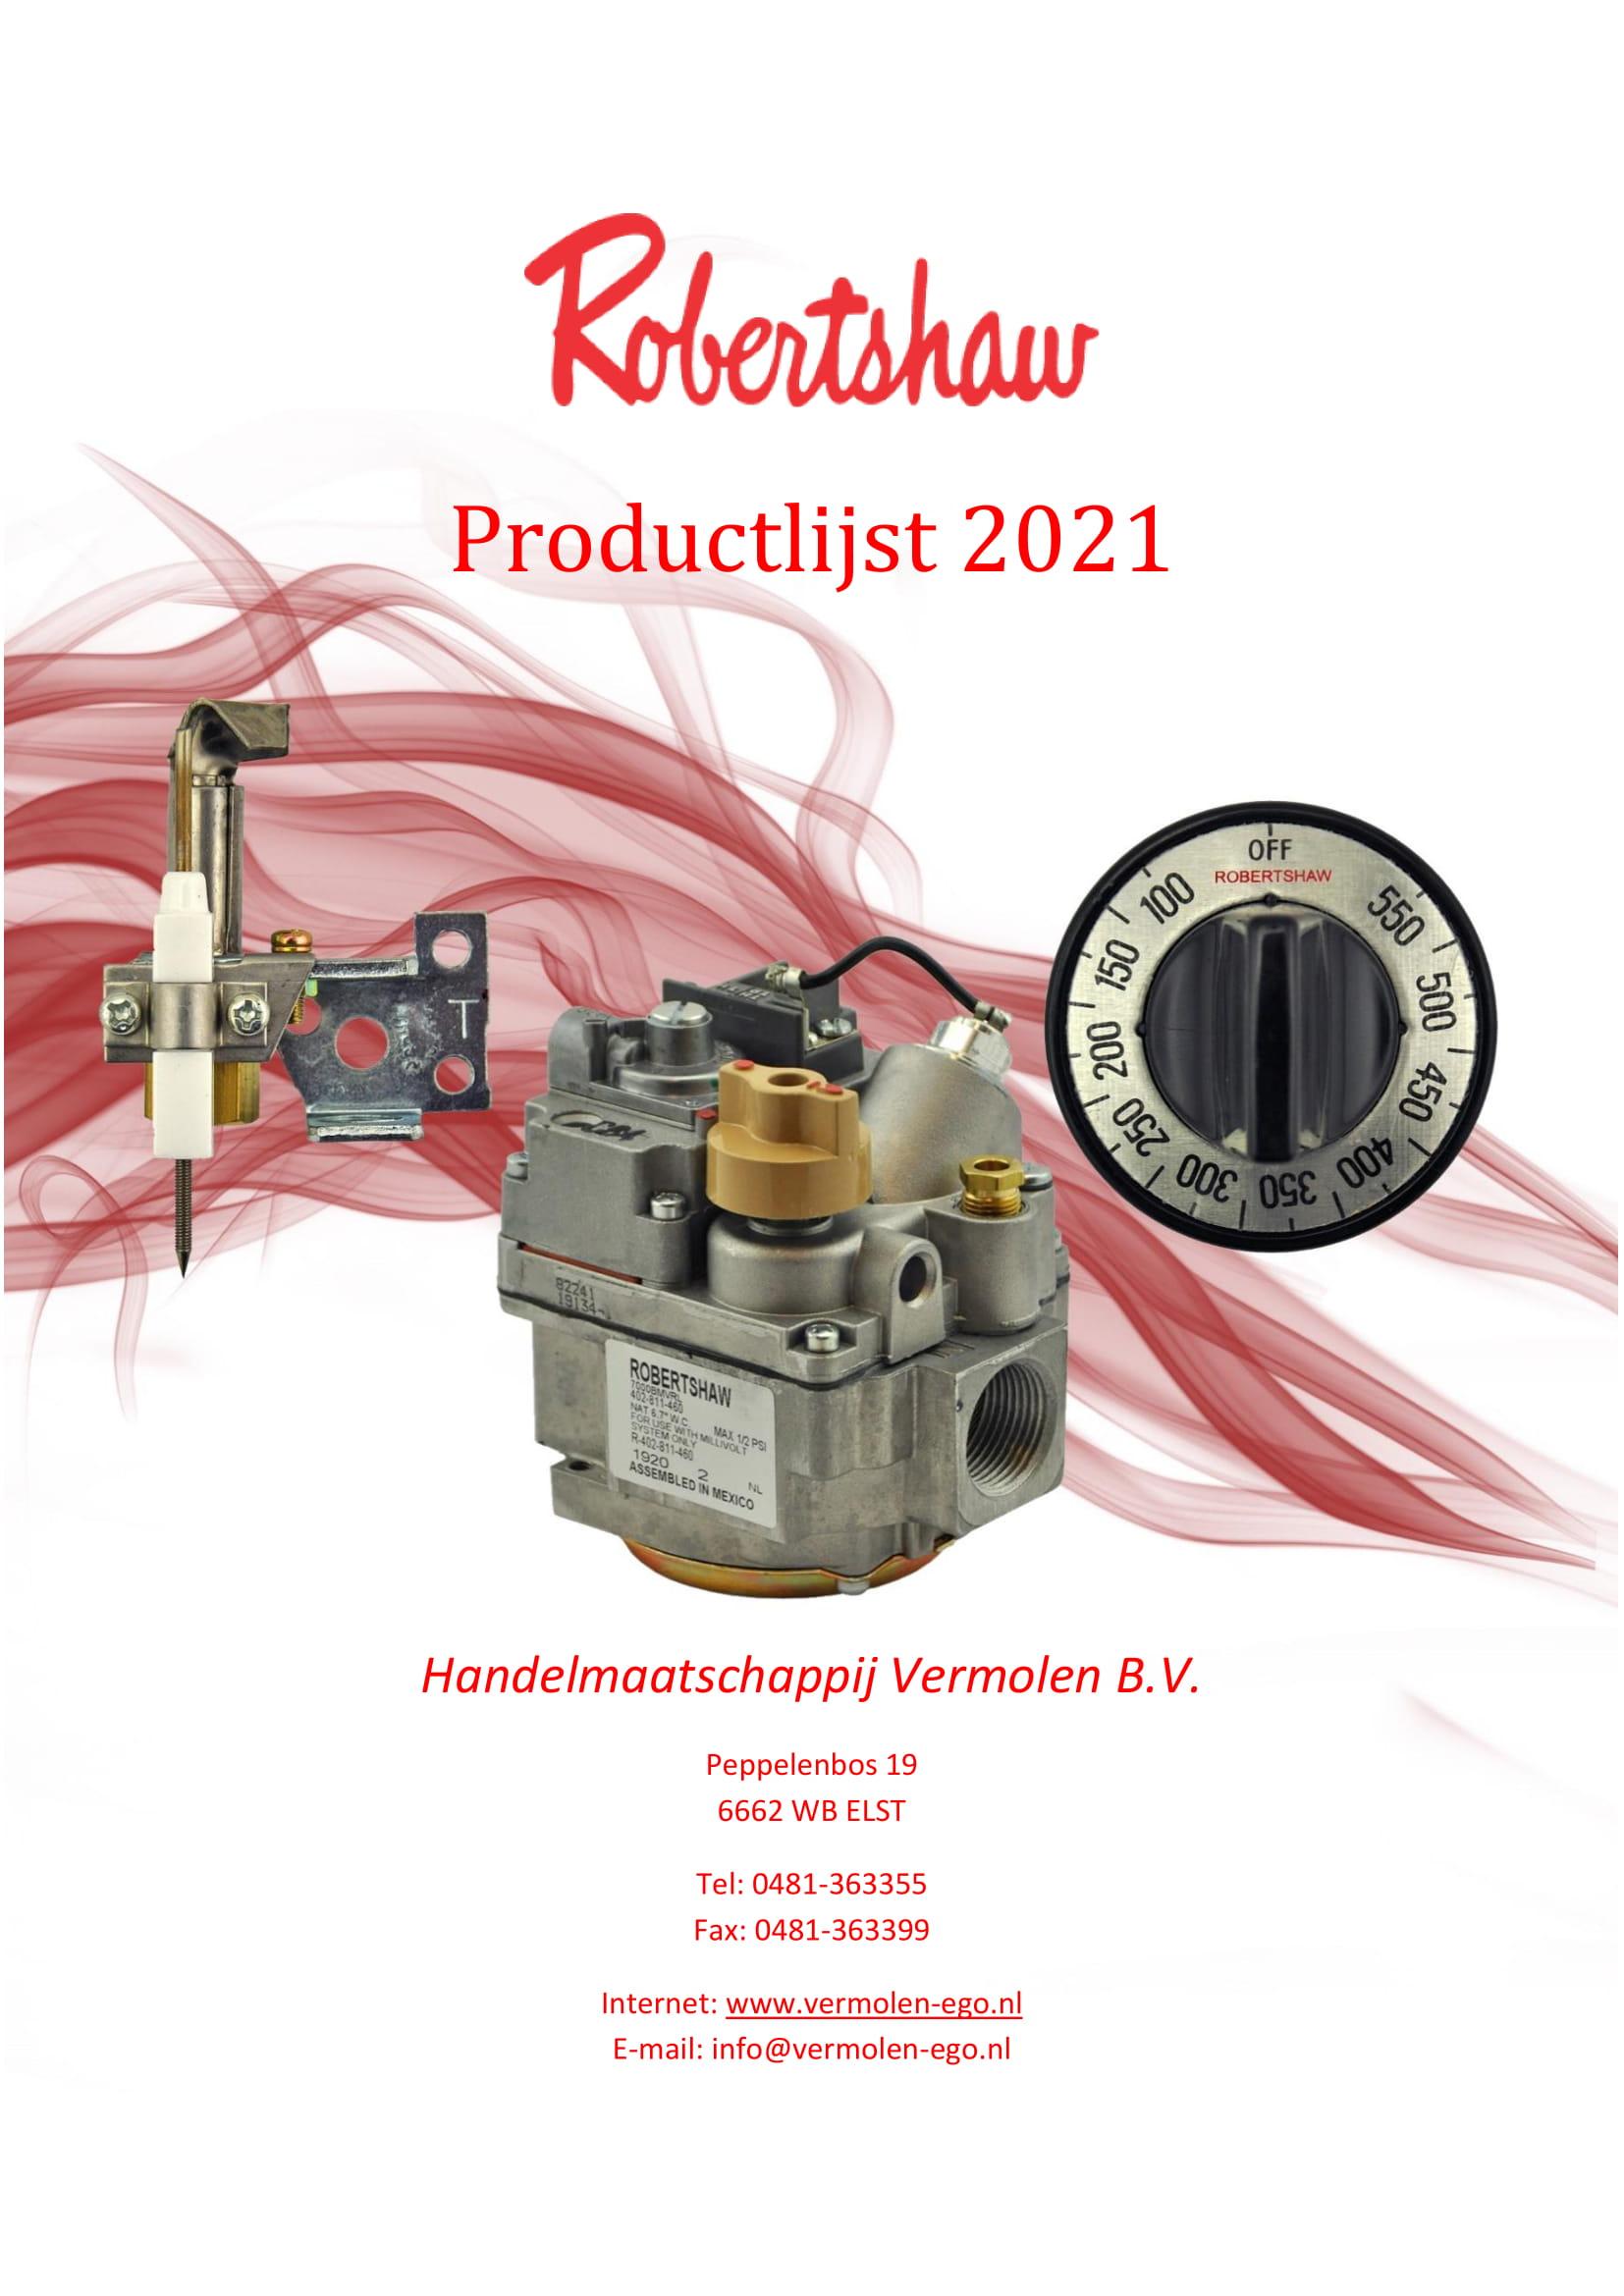 Robertshaw_productlijst_2021-1